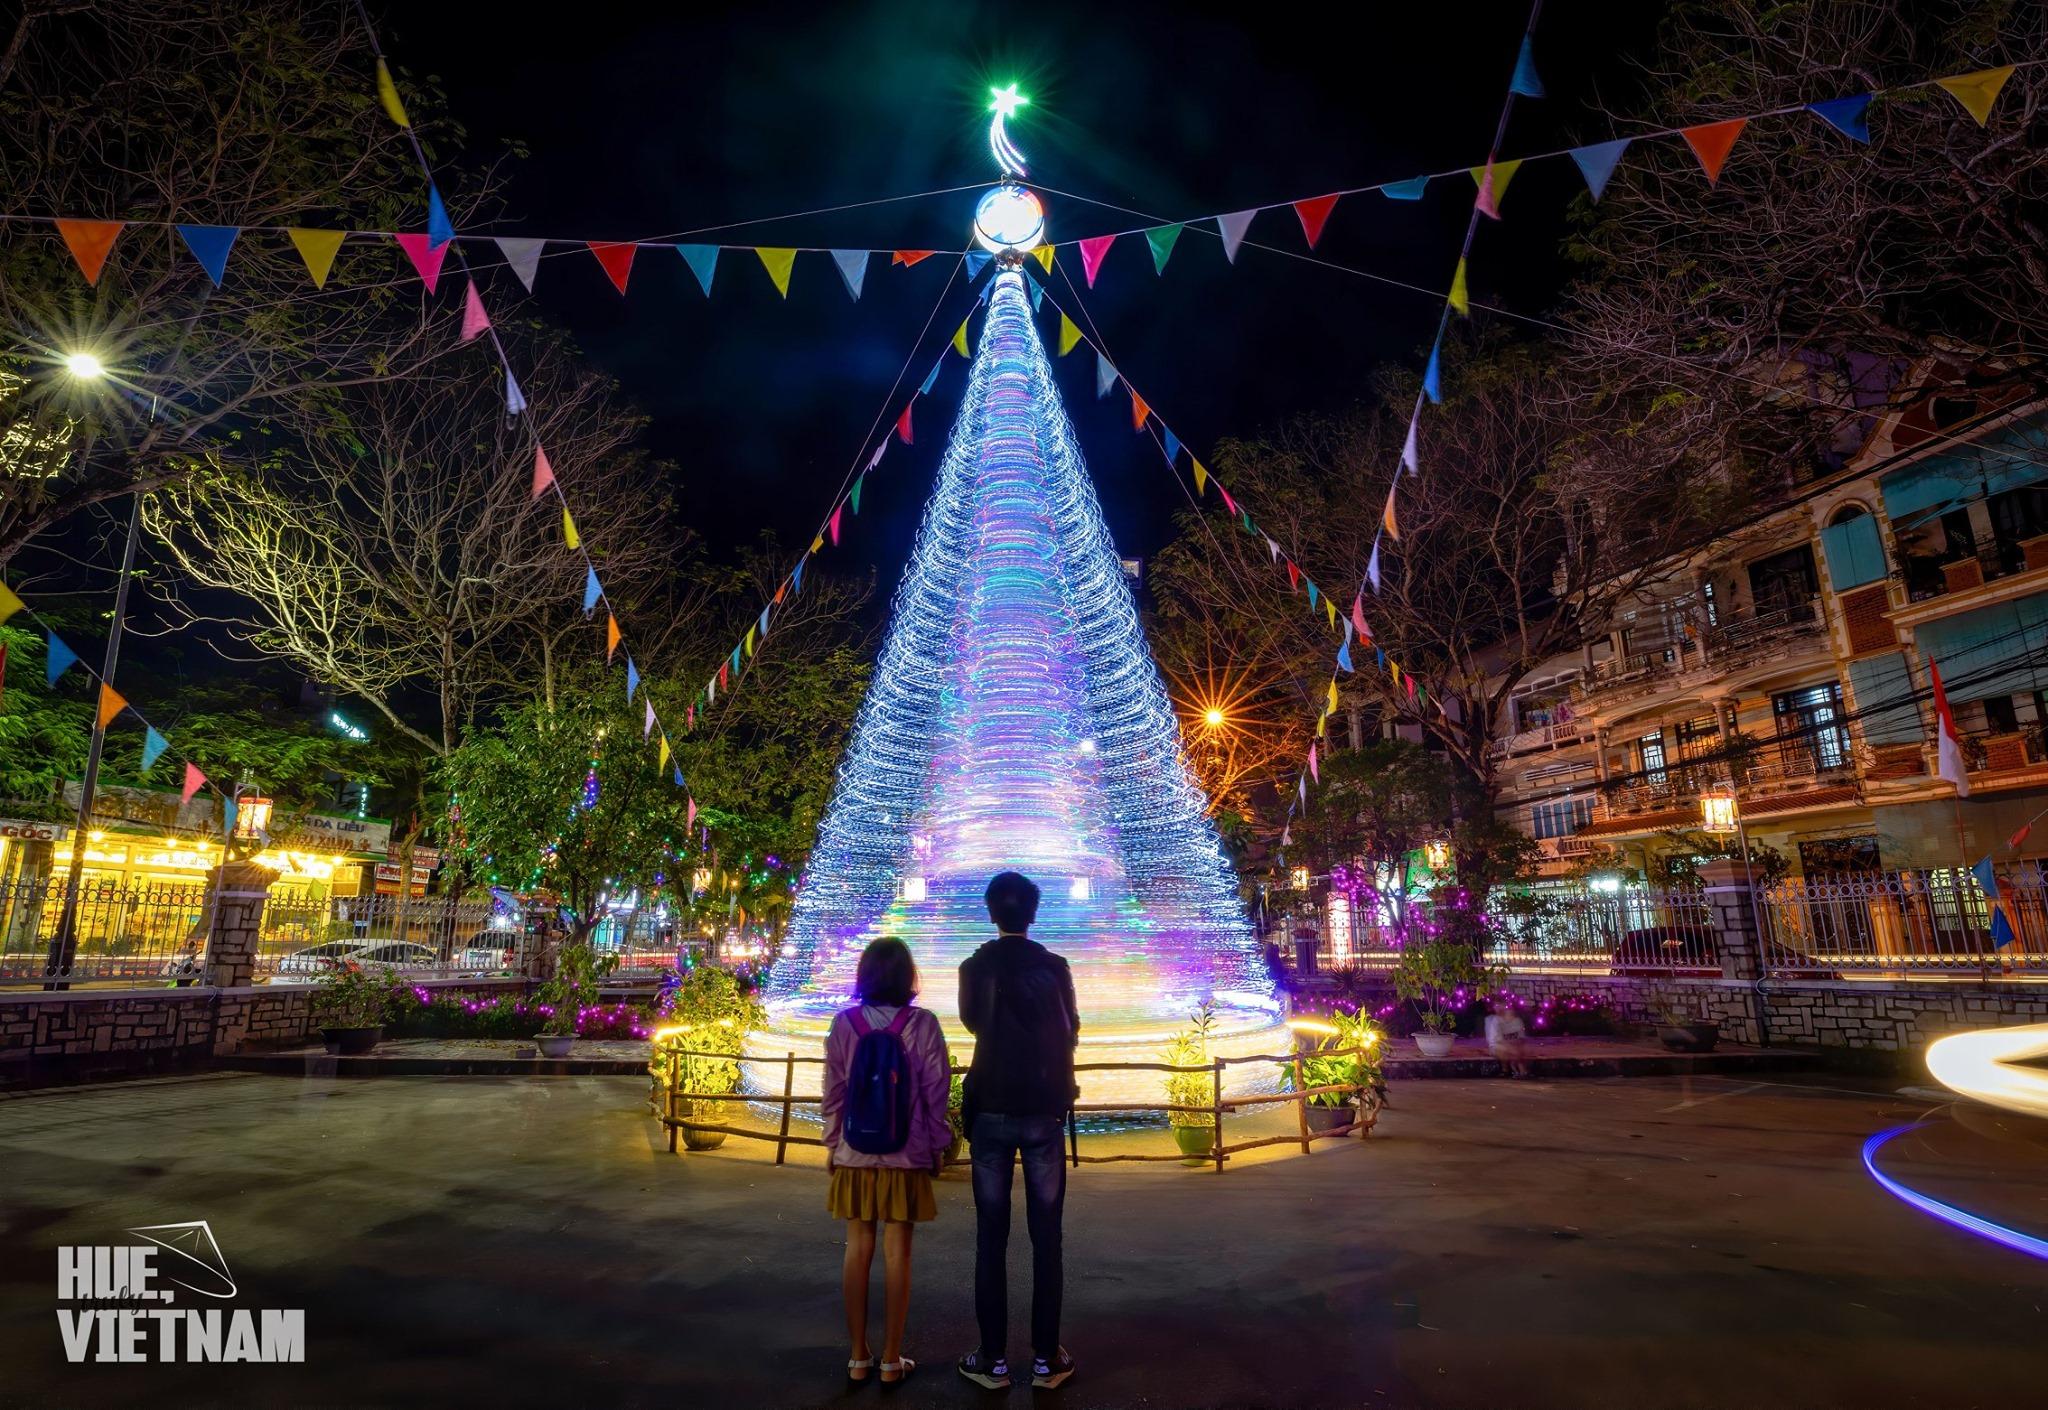 Cây thông trong khuôn viên nhà thờ, phía sau tượng Chúa dang tay. Hình: Hue, truly Vietnam